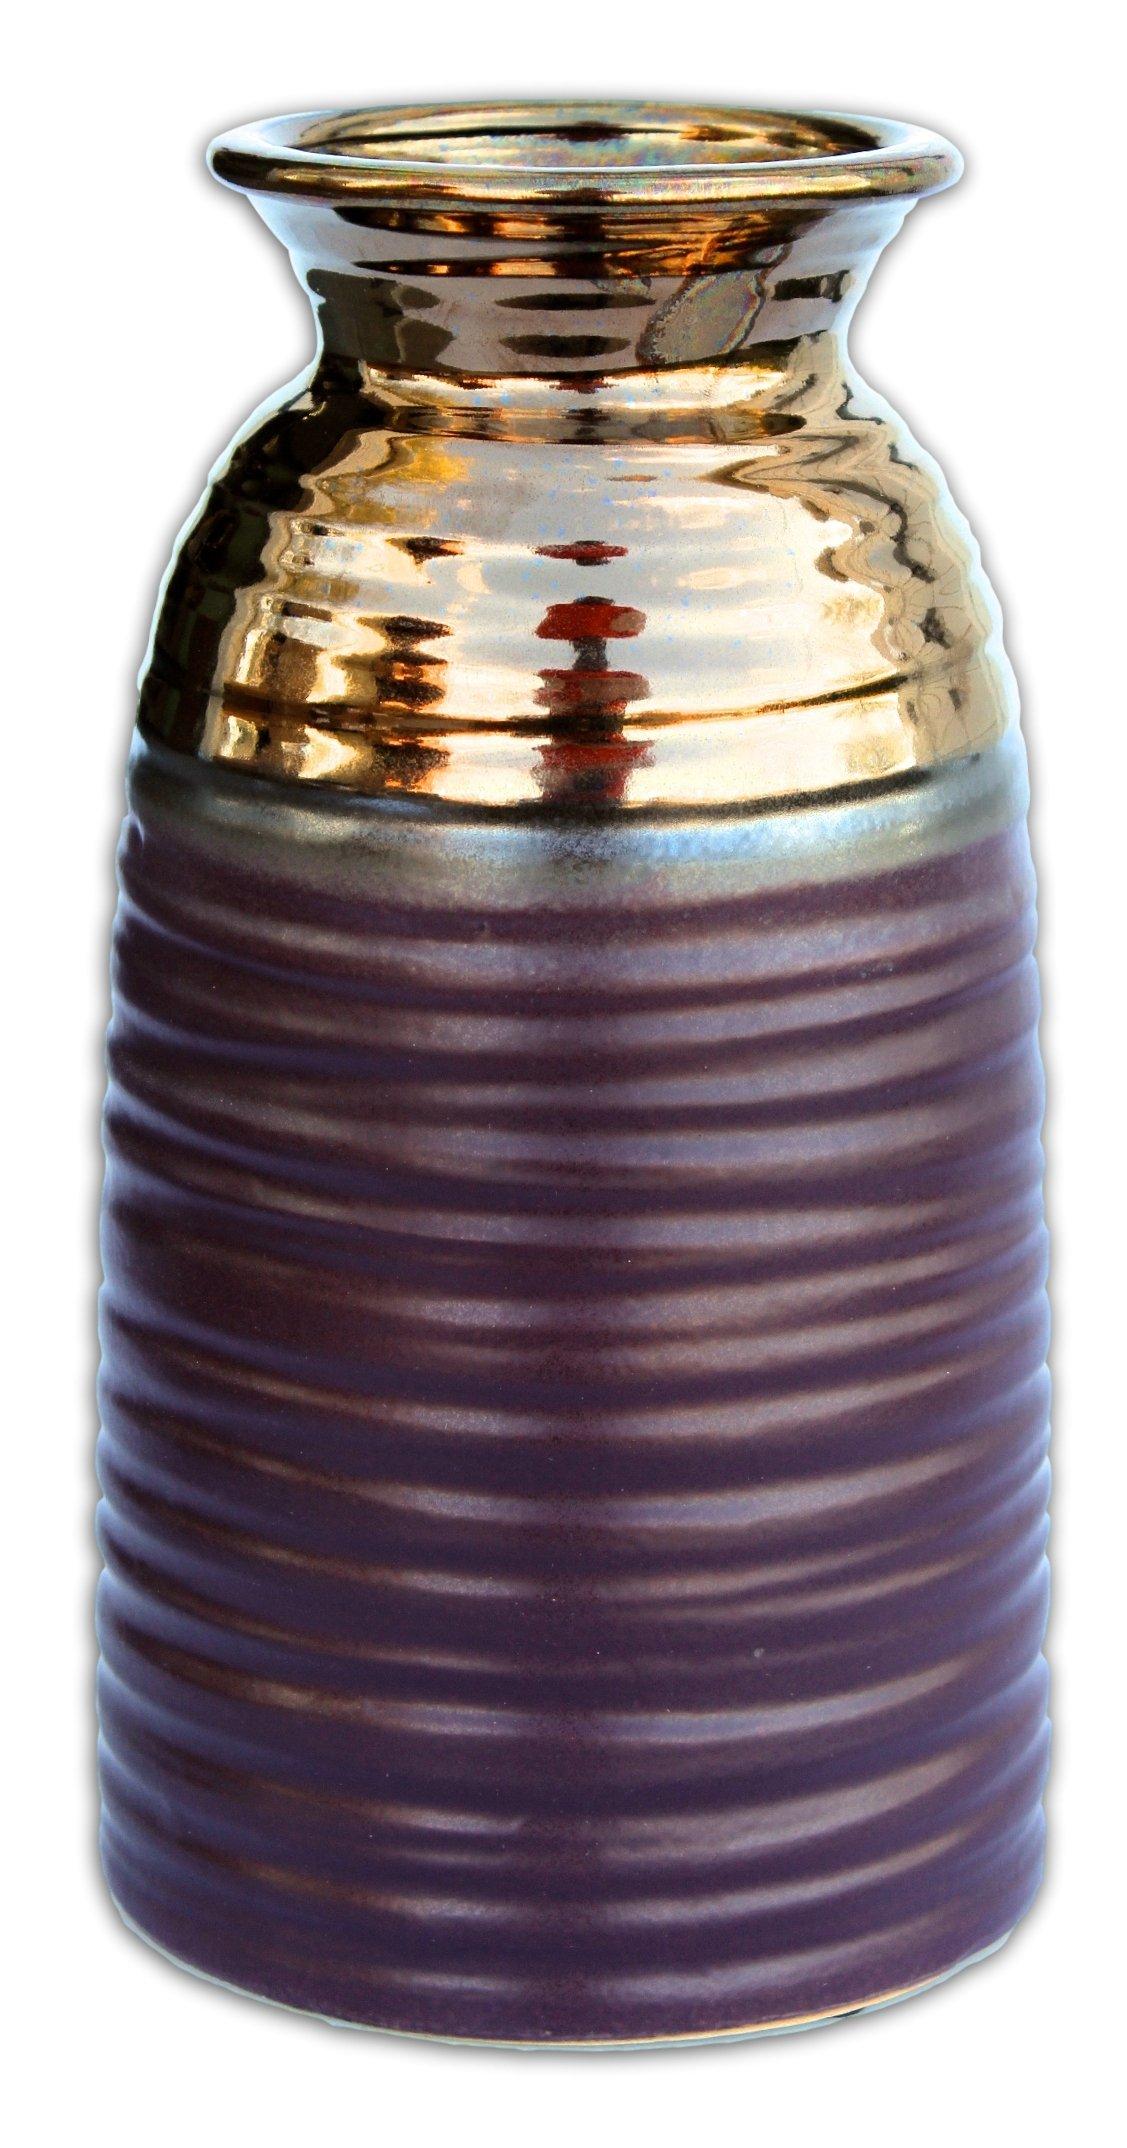 MayRich 9'' Matte Purple and Metallic Bronze Porcelain Vase -  - vases, kitchen-dining-room-decor, kitchen-dining-room - 81l vjX521L -